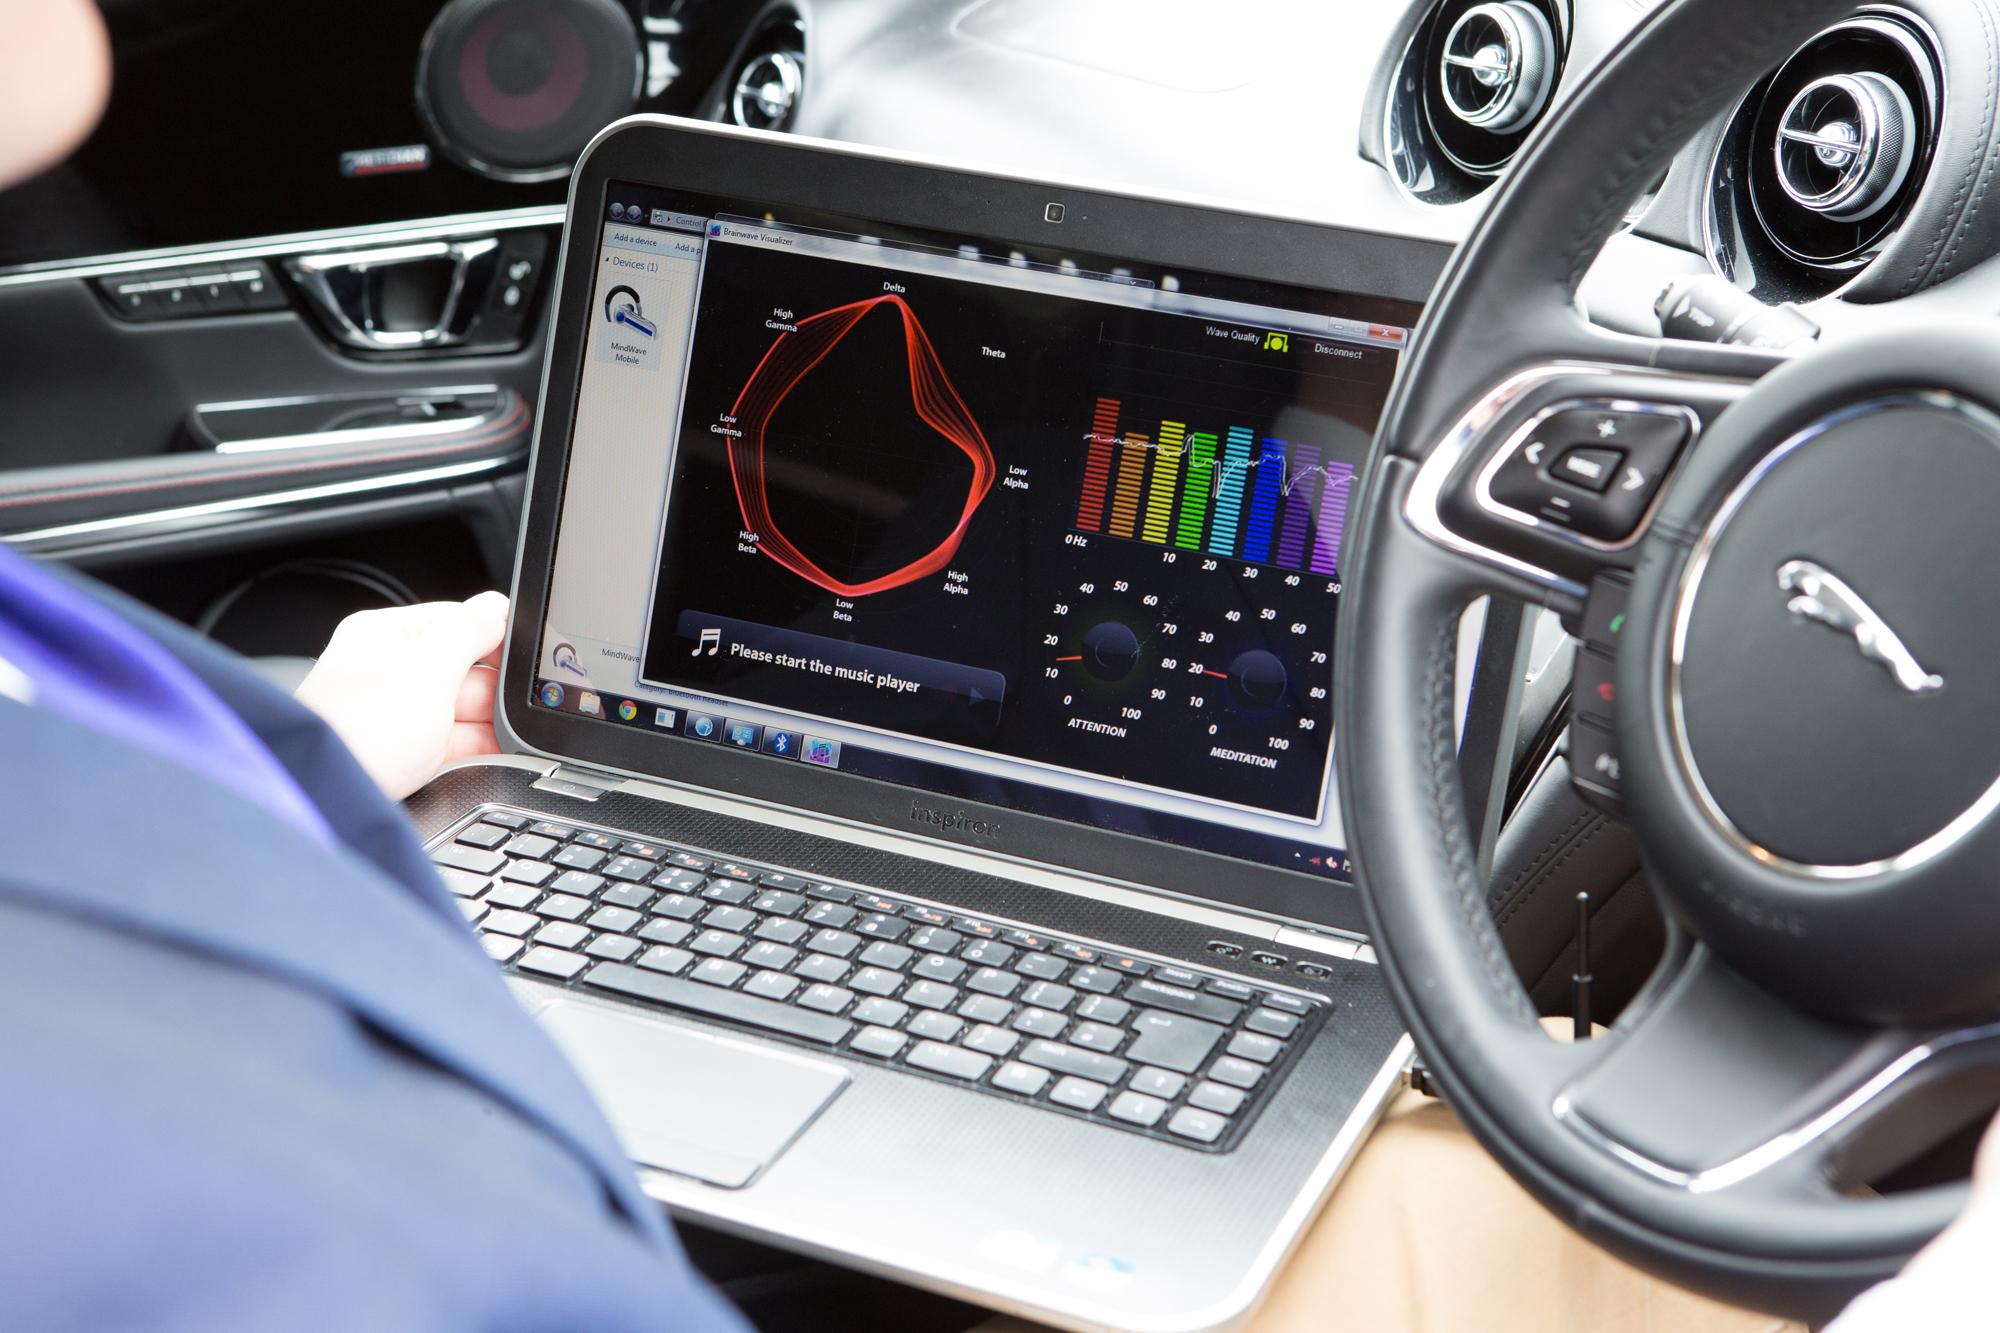 意识传感项目   捷豹路虎意识传感项目旨在研究汽车能否有高清图片